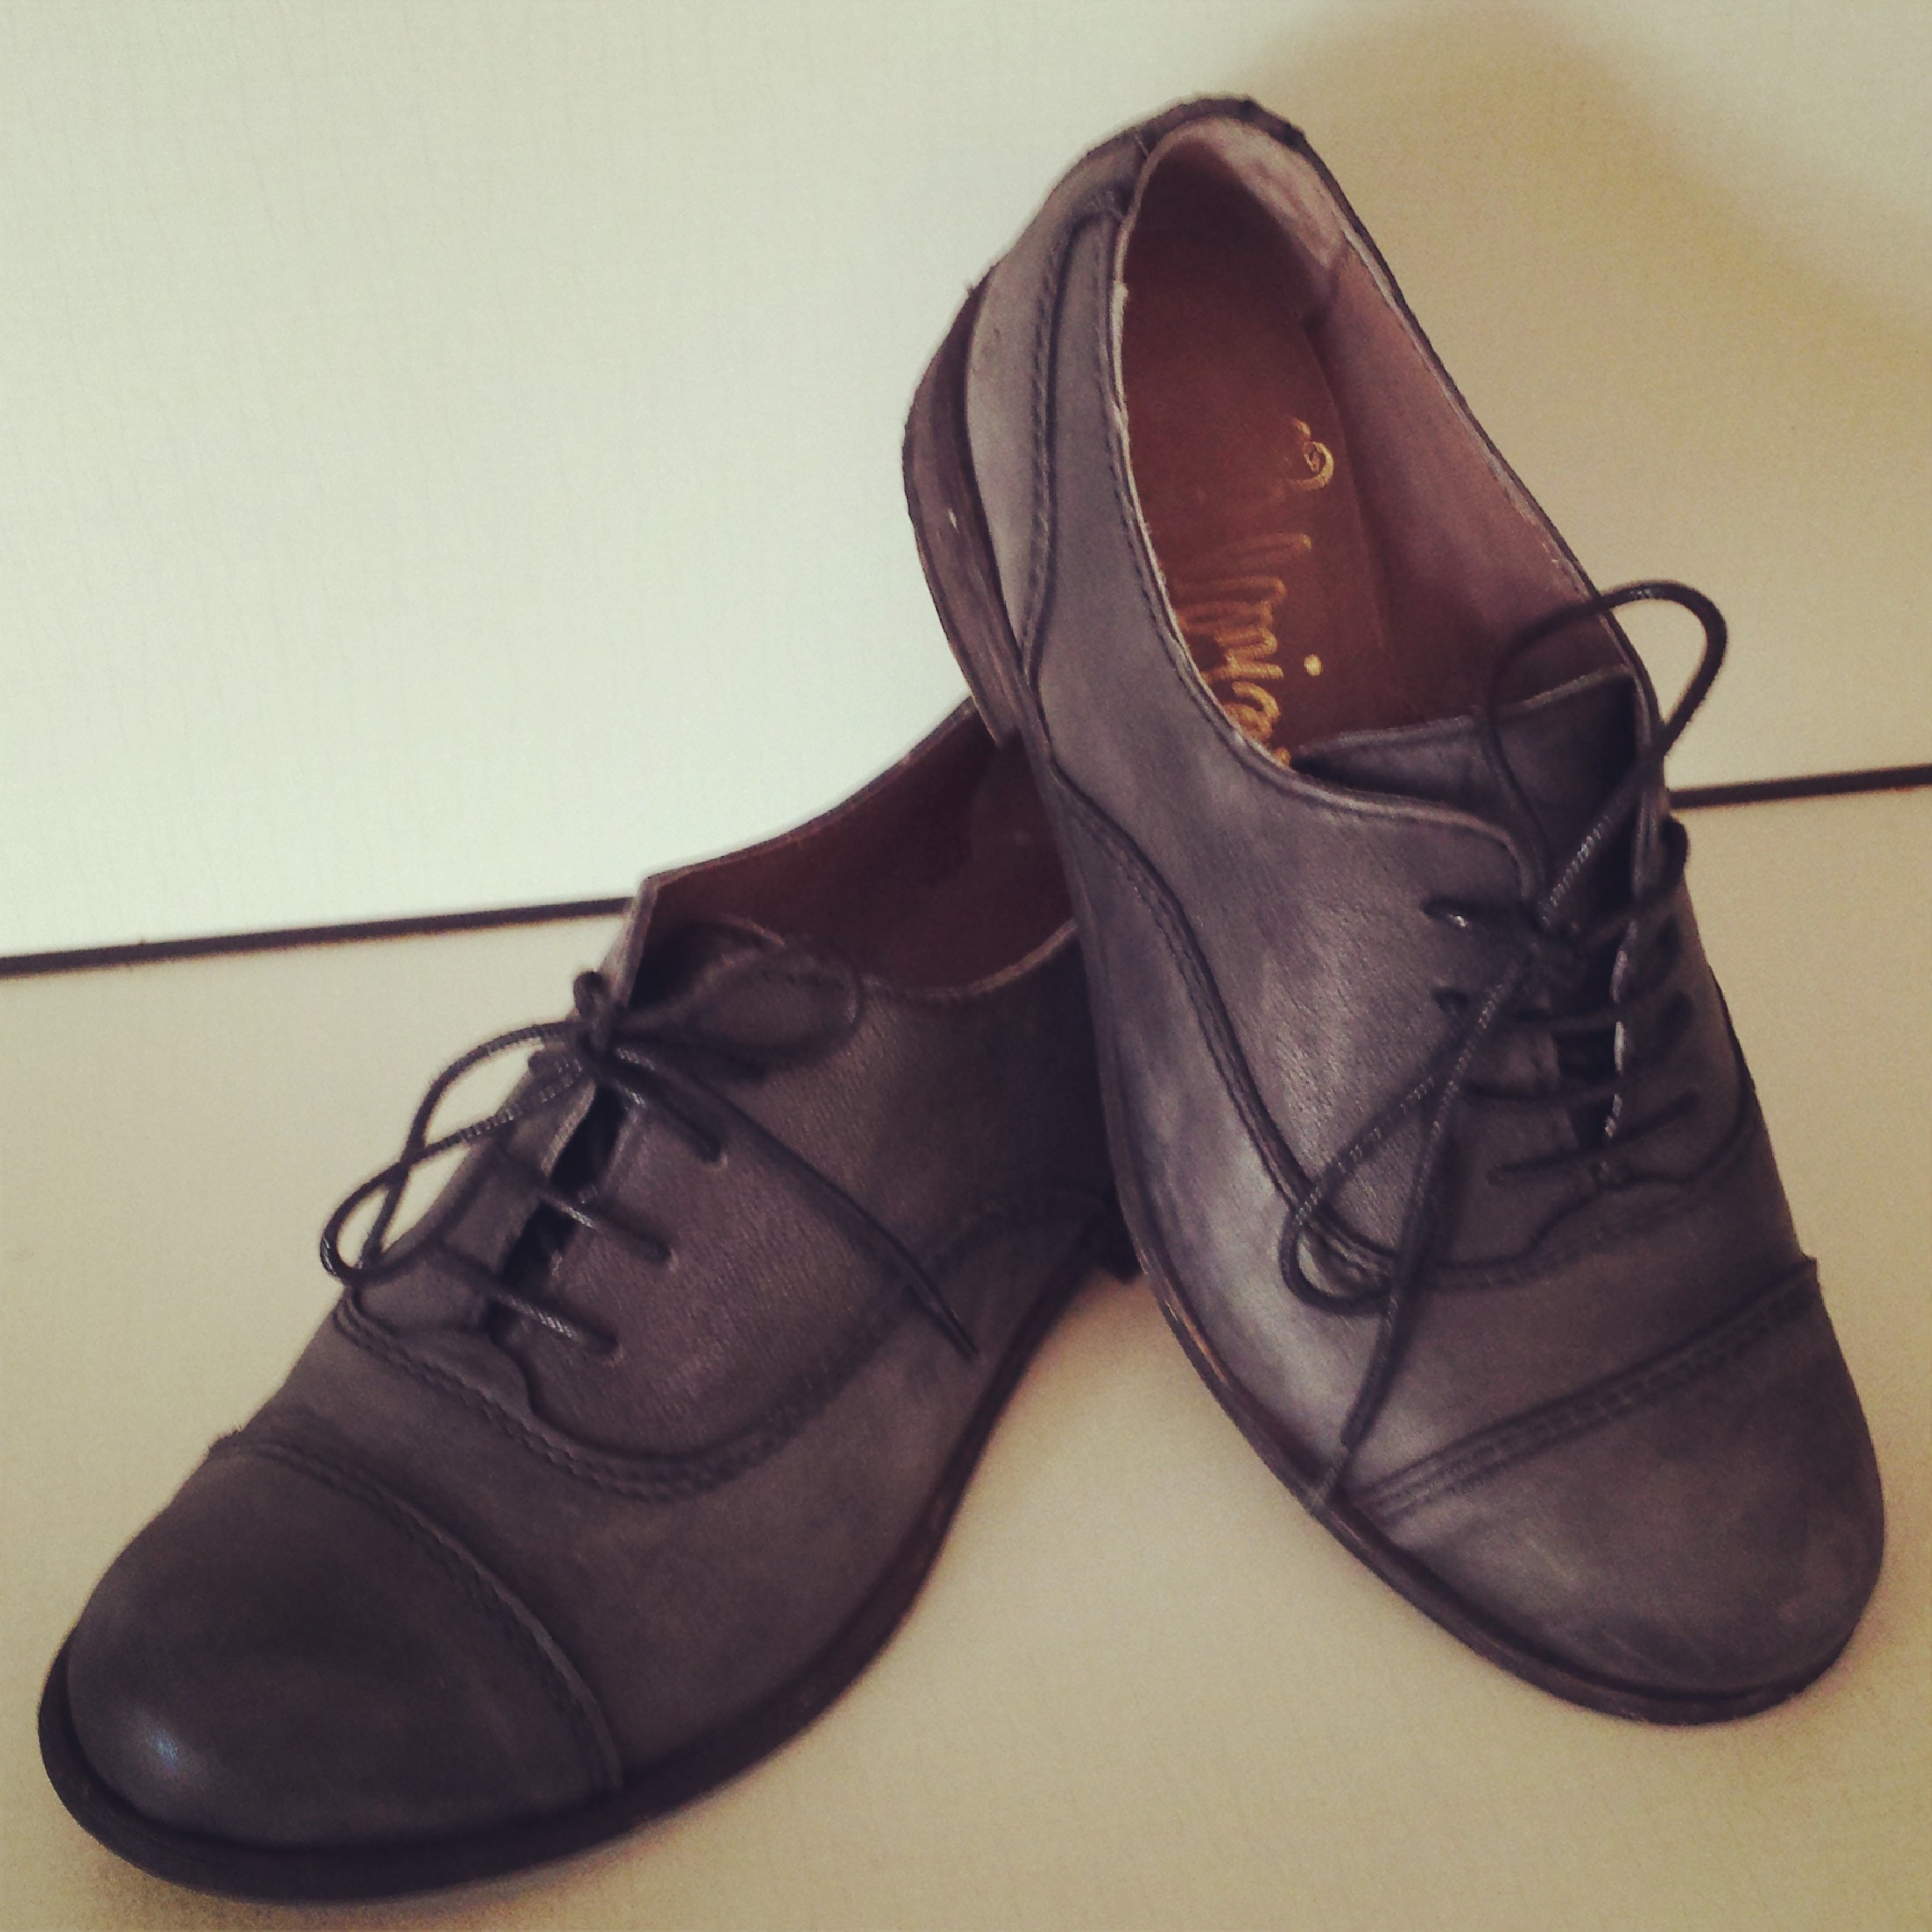 La scarpa cool è bassa